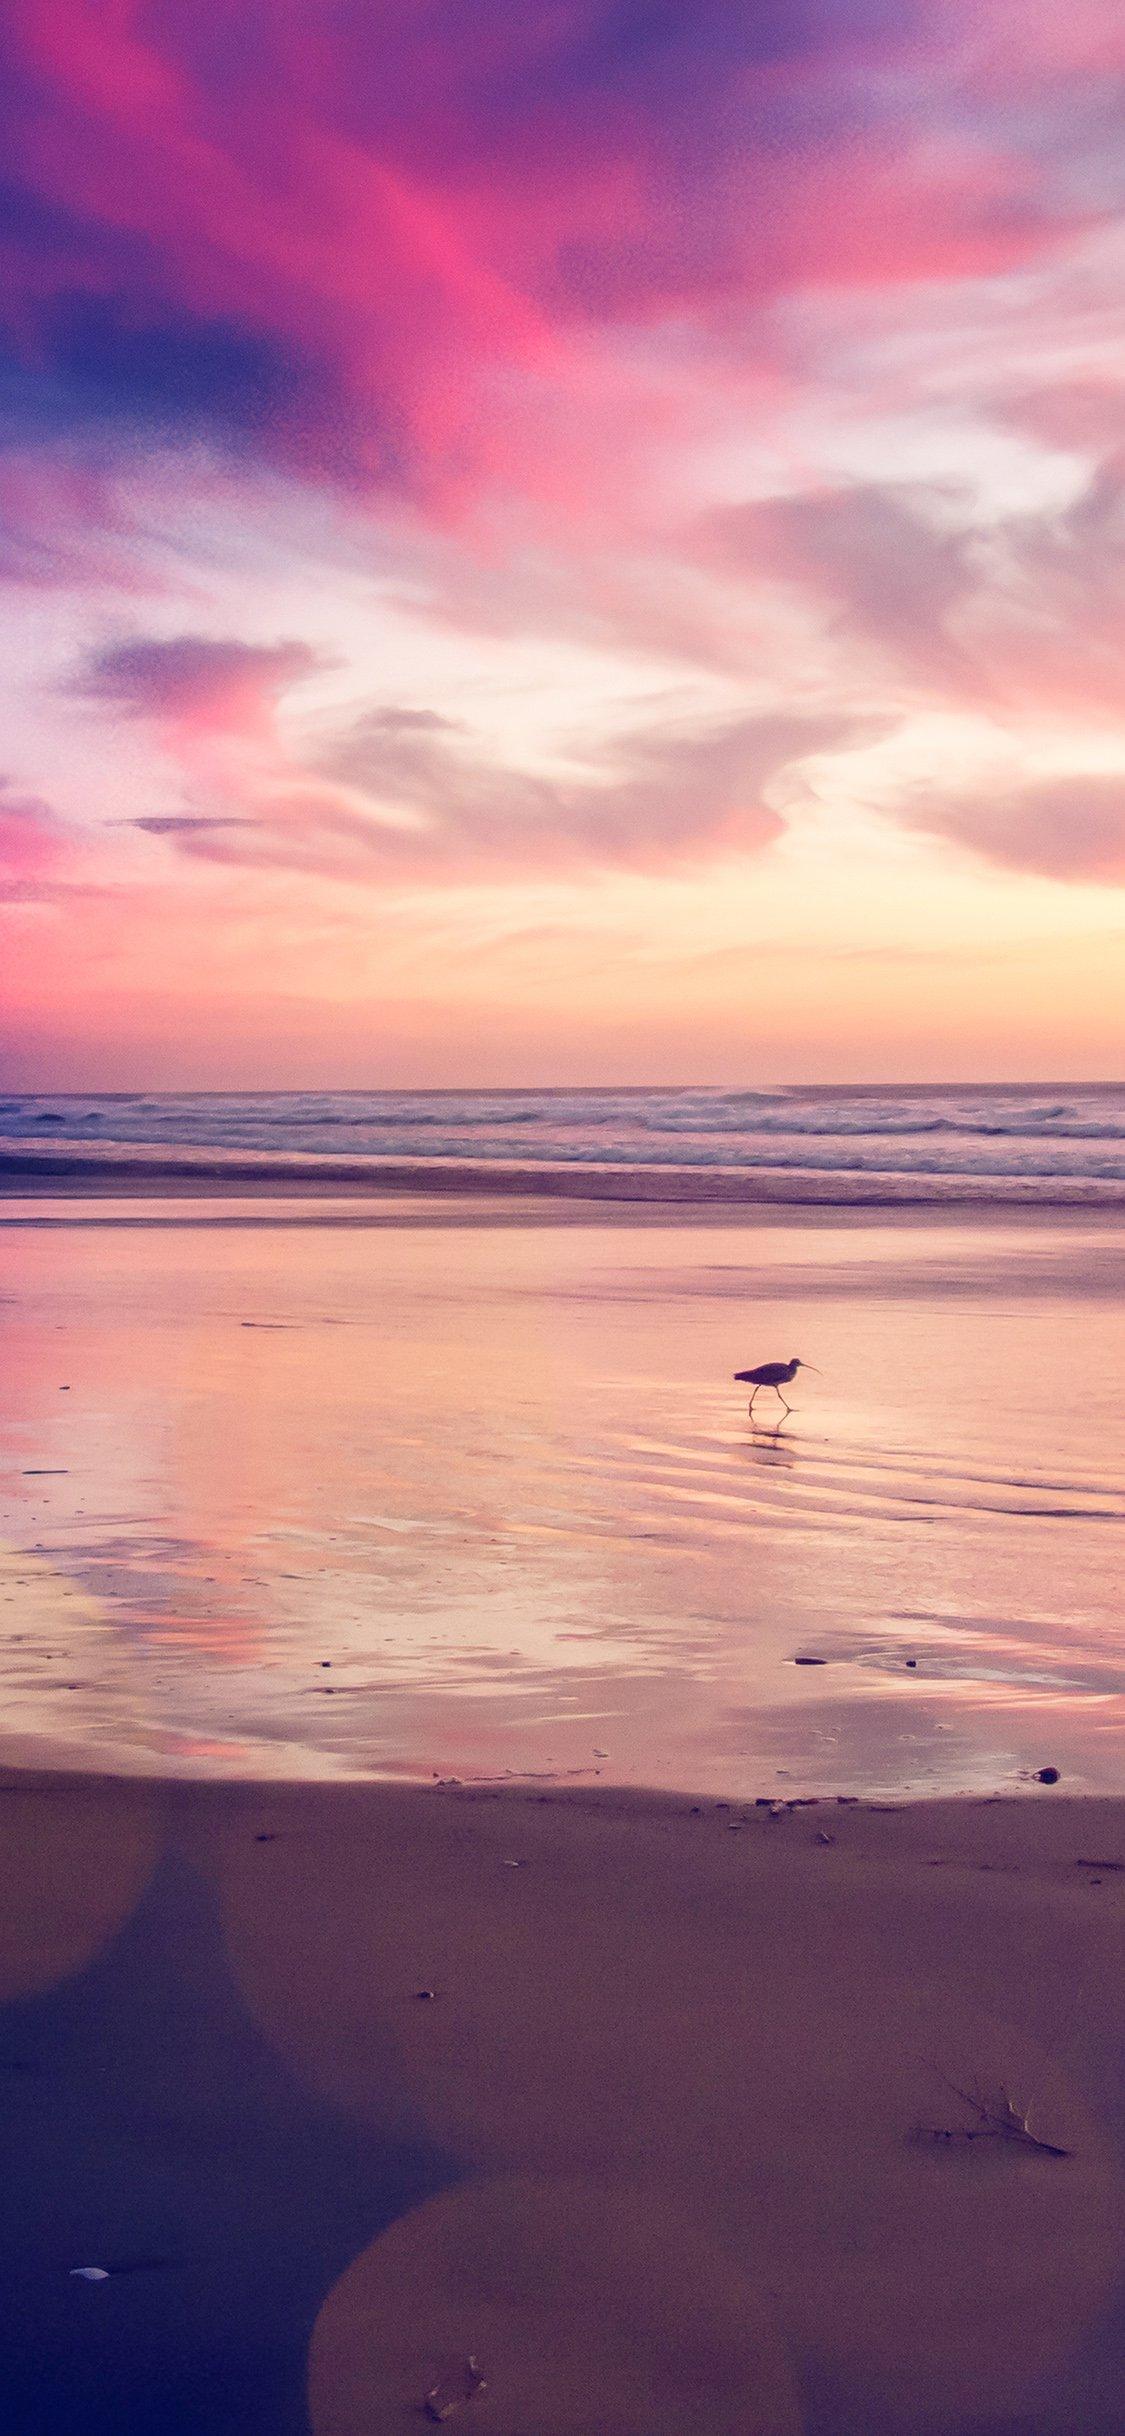 Sunset beach bird iPhone X wallpaper